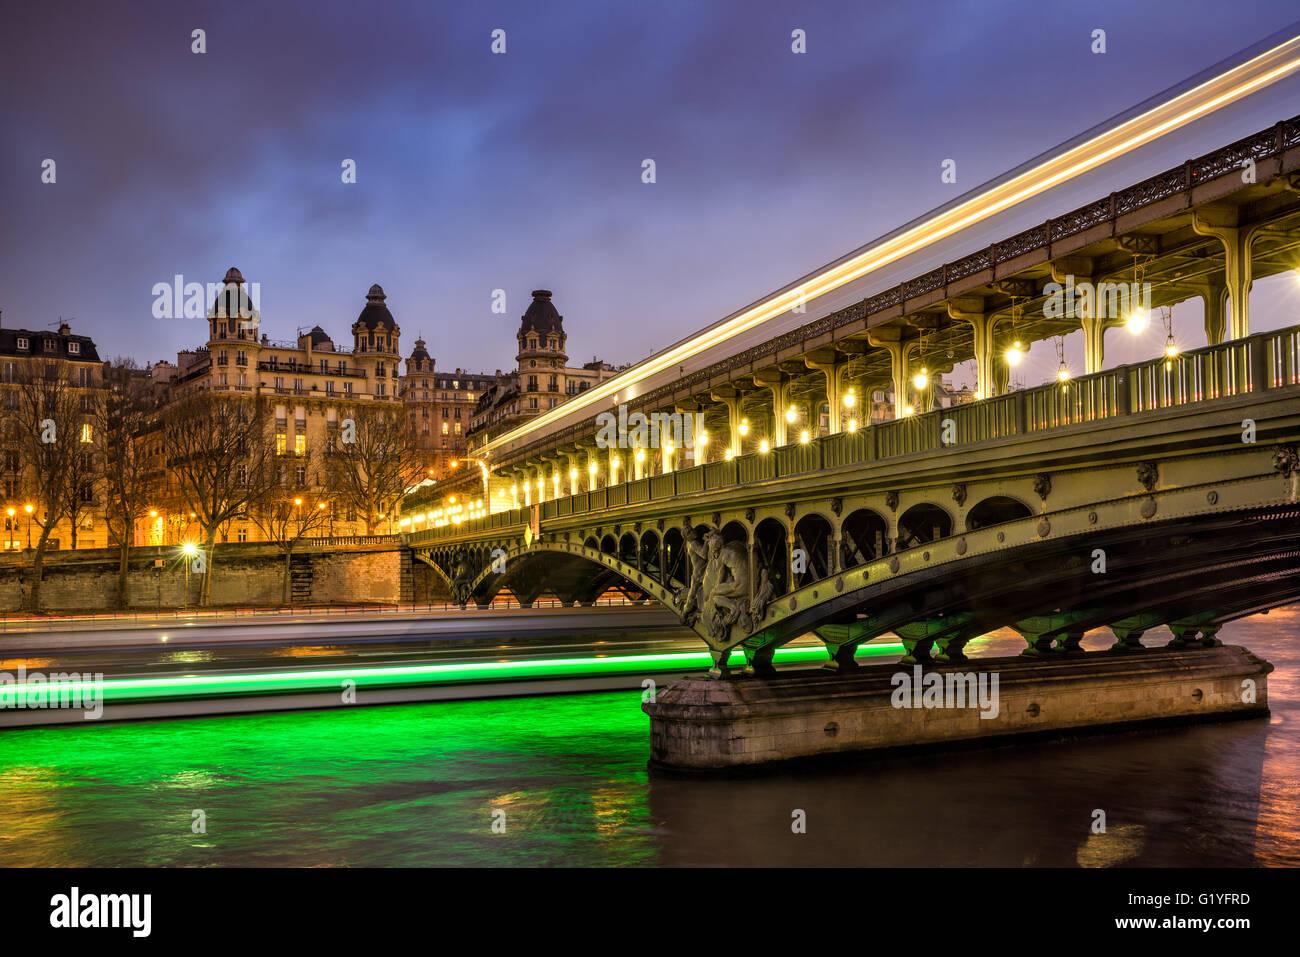 Puente de Bir-Hakeim en París al atardecer con nubes y estelas de luz de botes en el río Sena. 16º Imagen De Stock